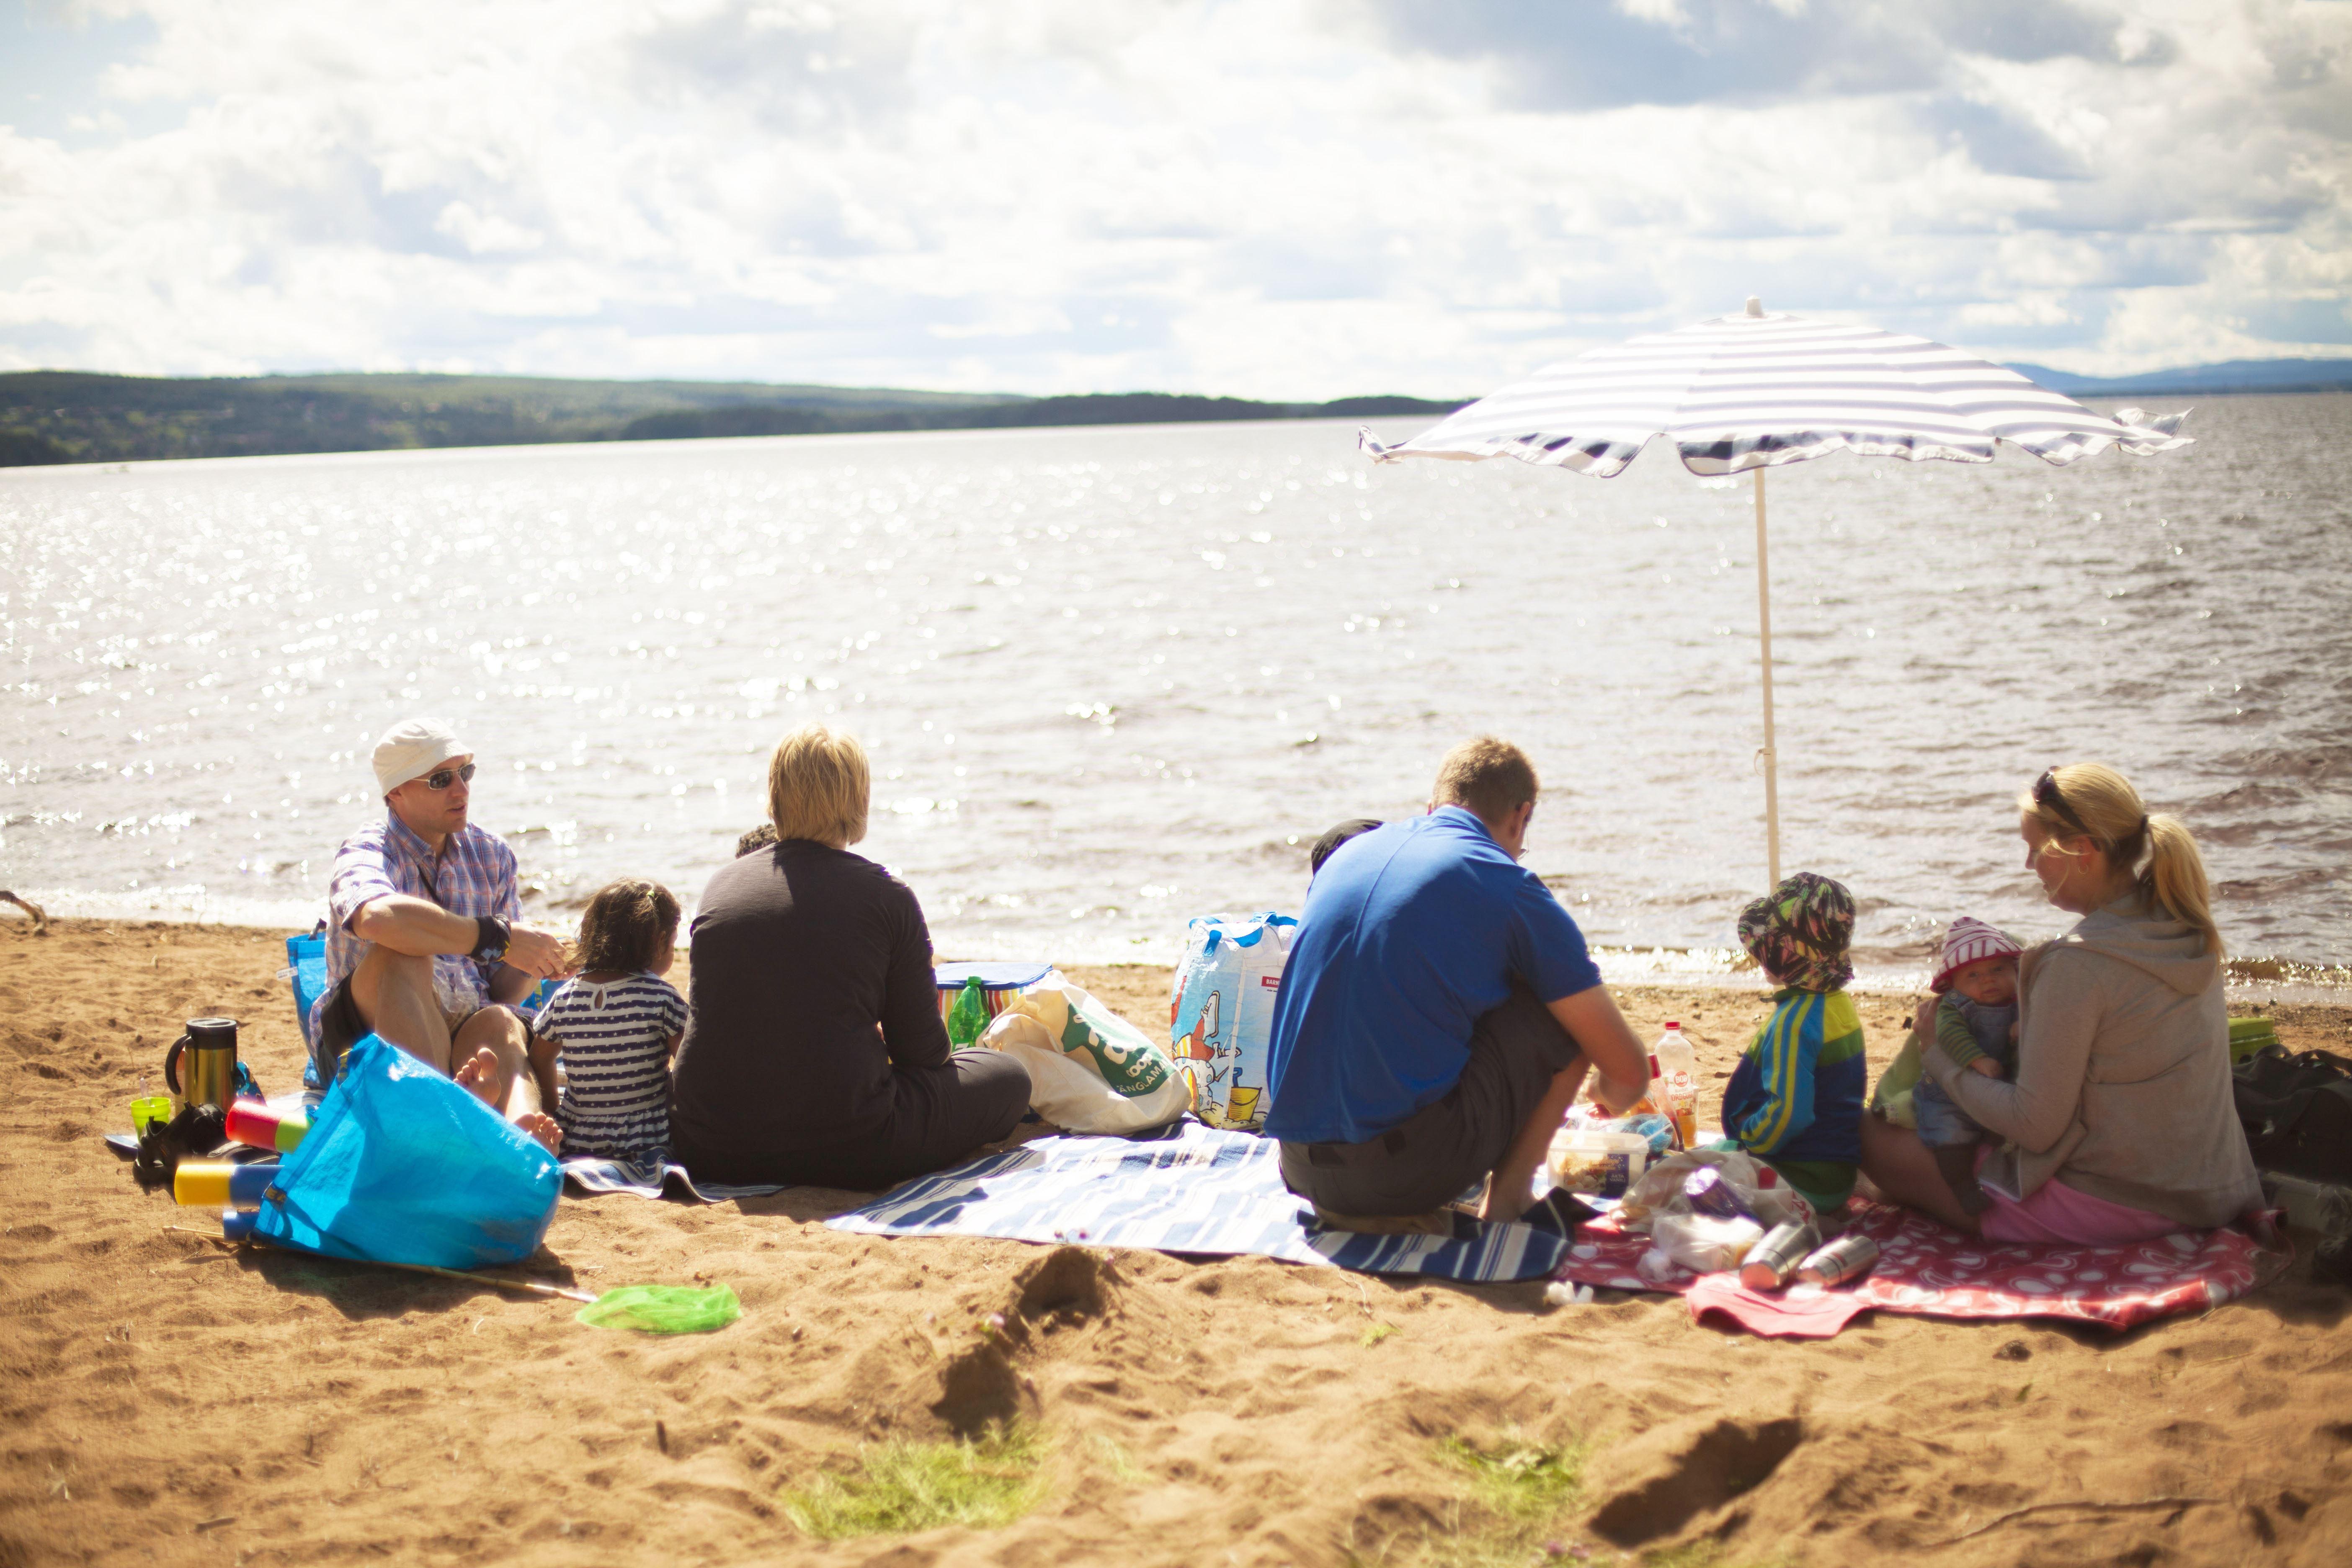 Orsa Camping beach